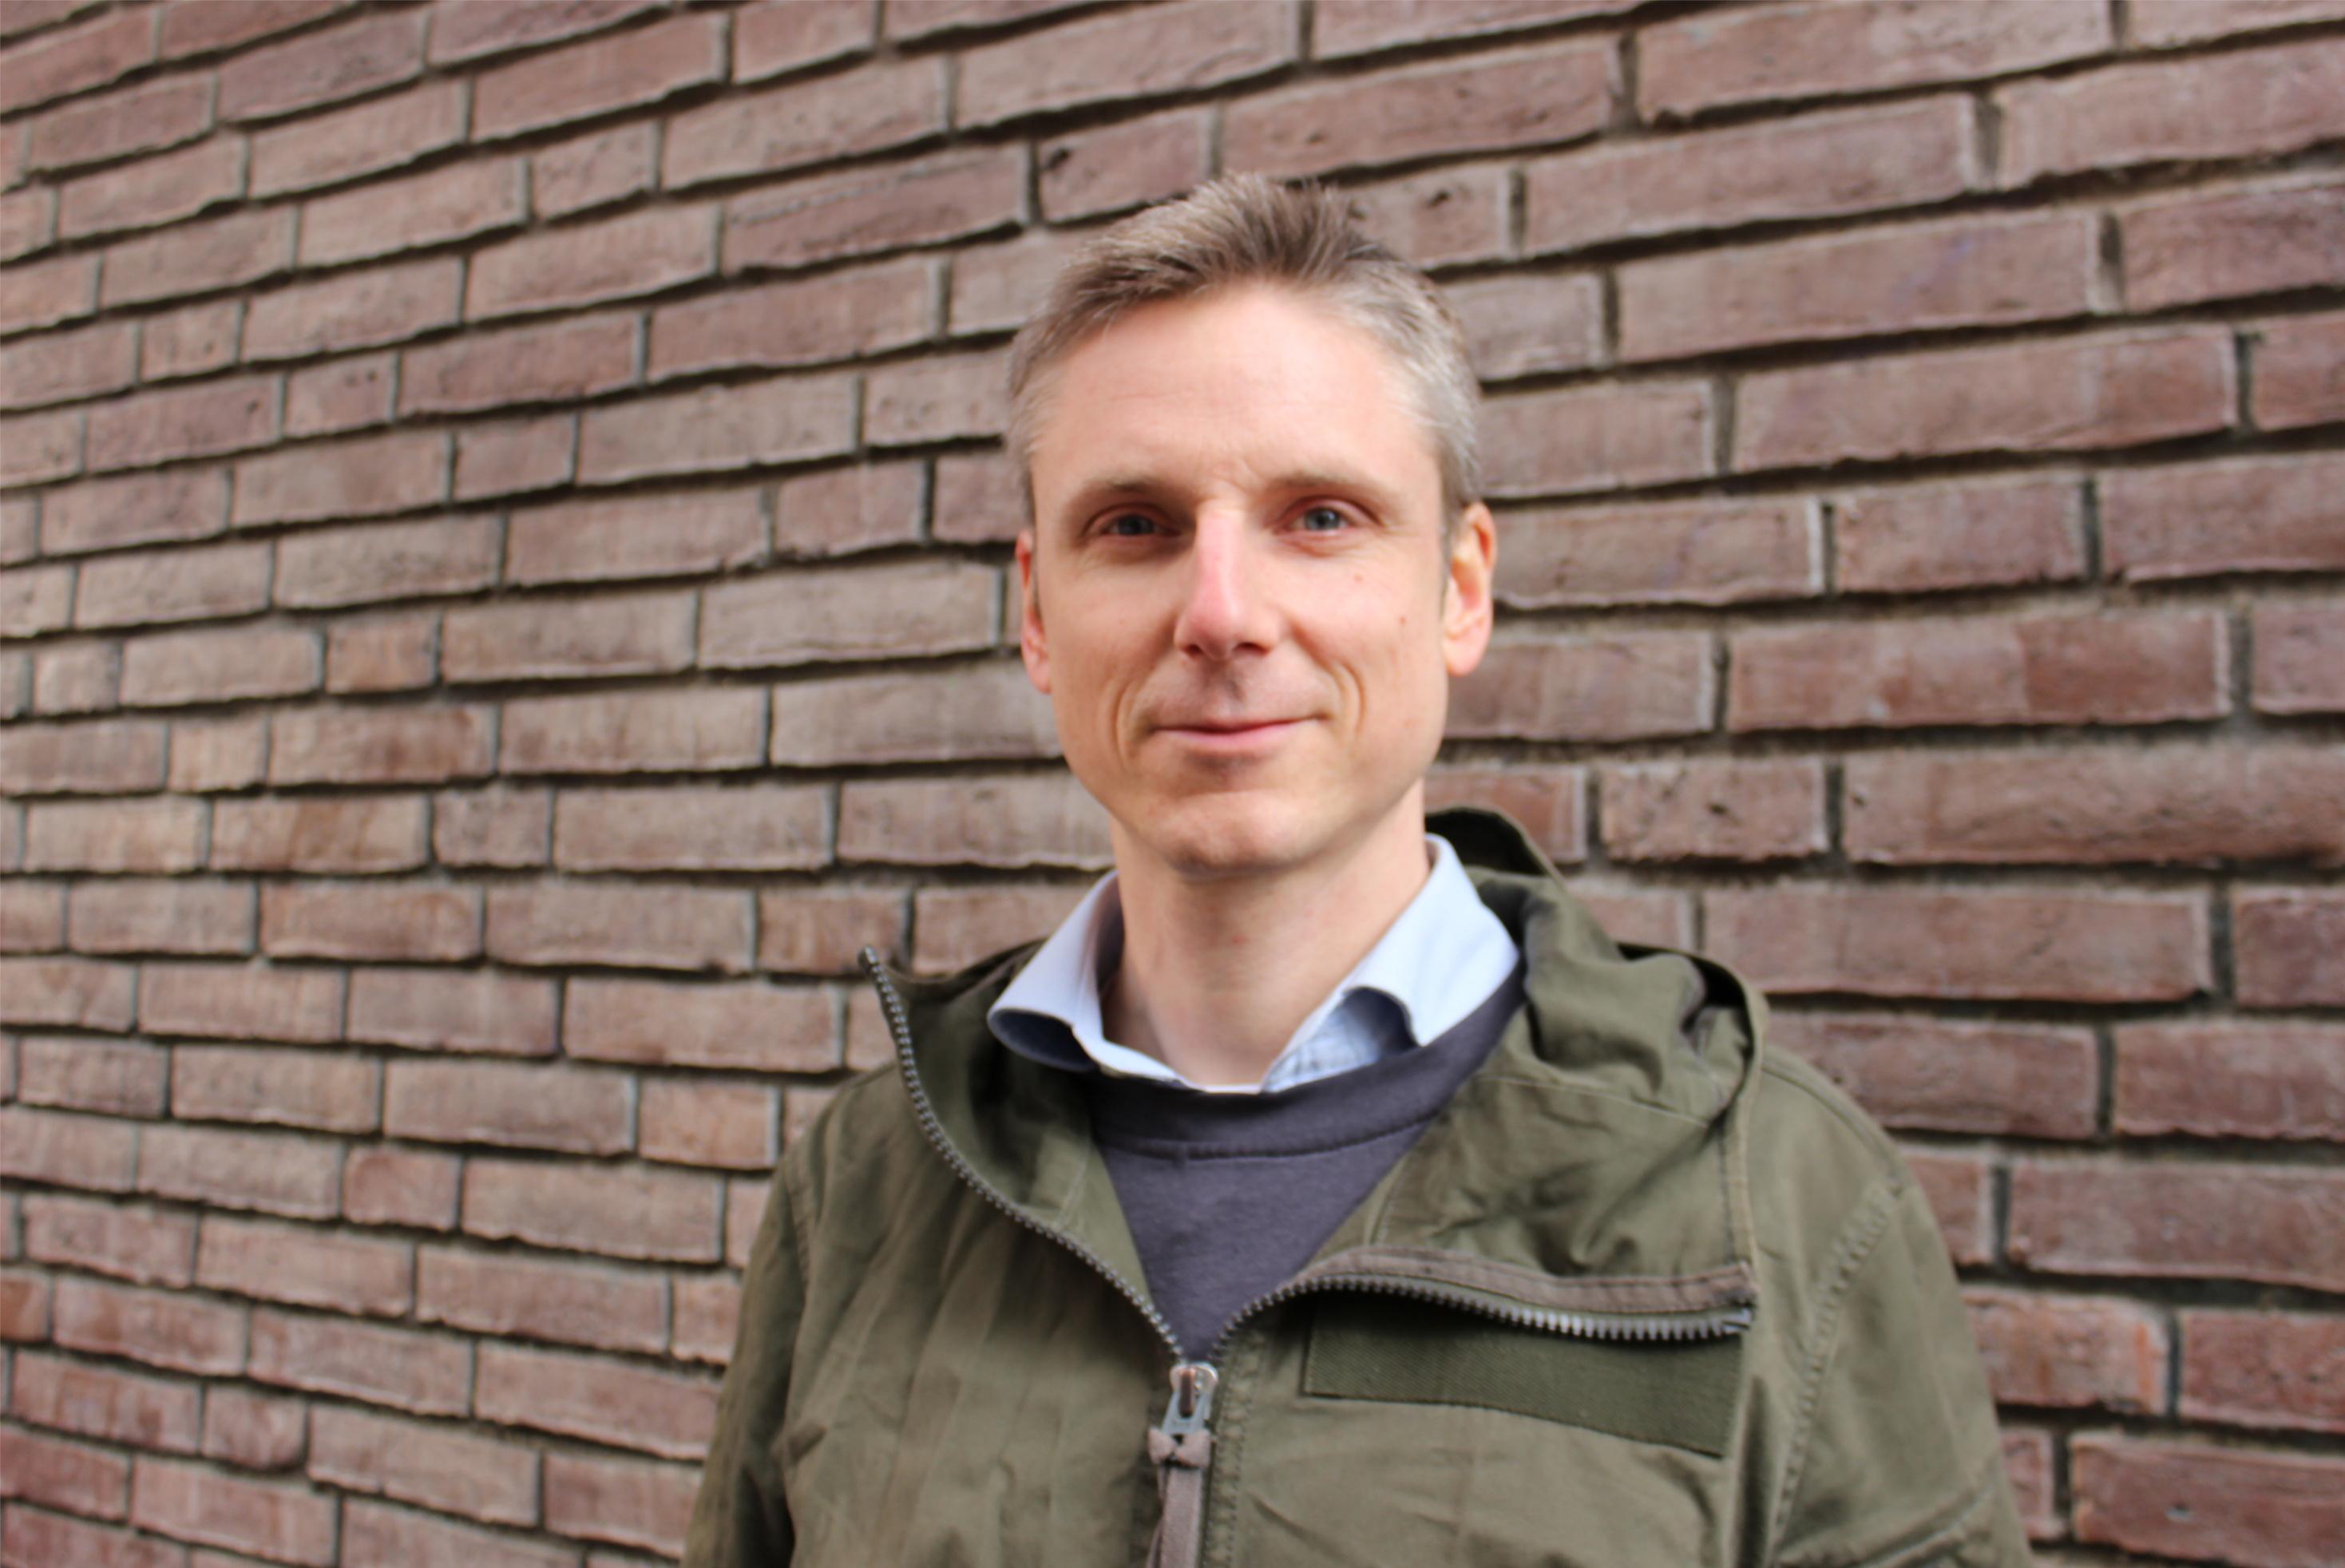 Andreas Halle, Spitzenkandidat der Piraten